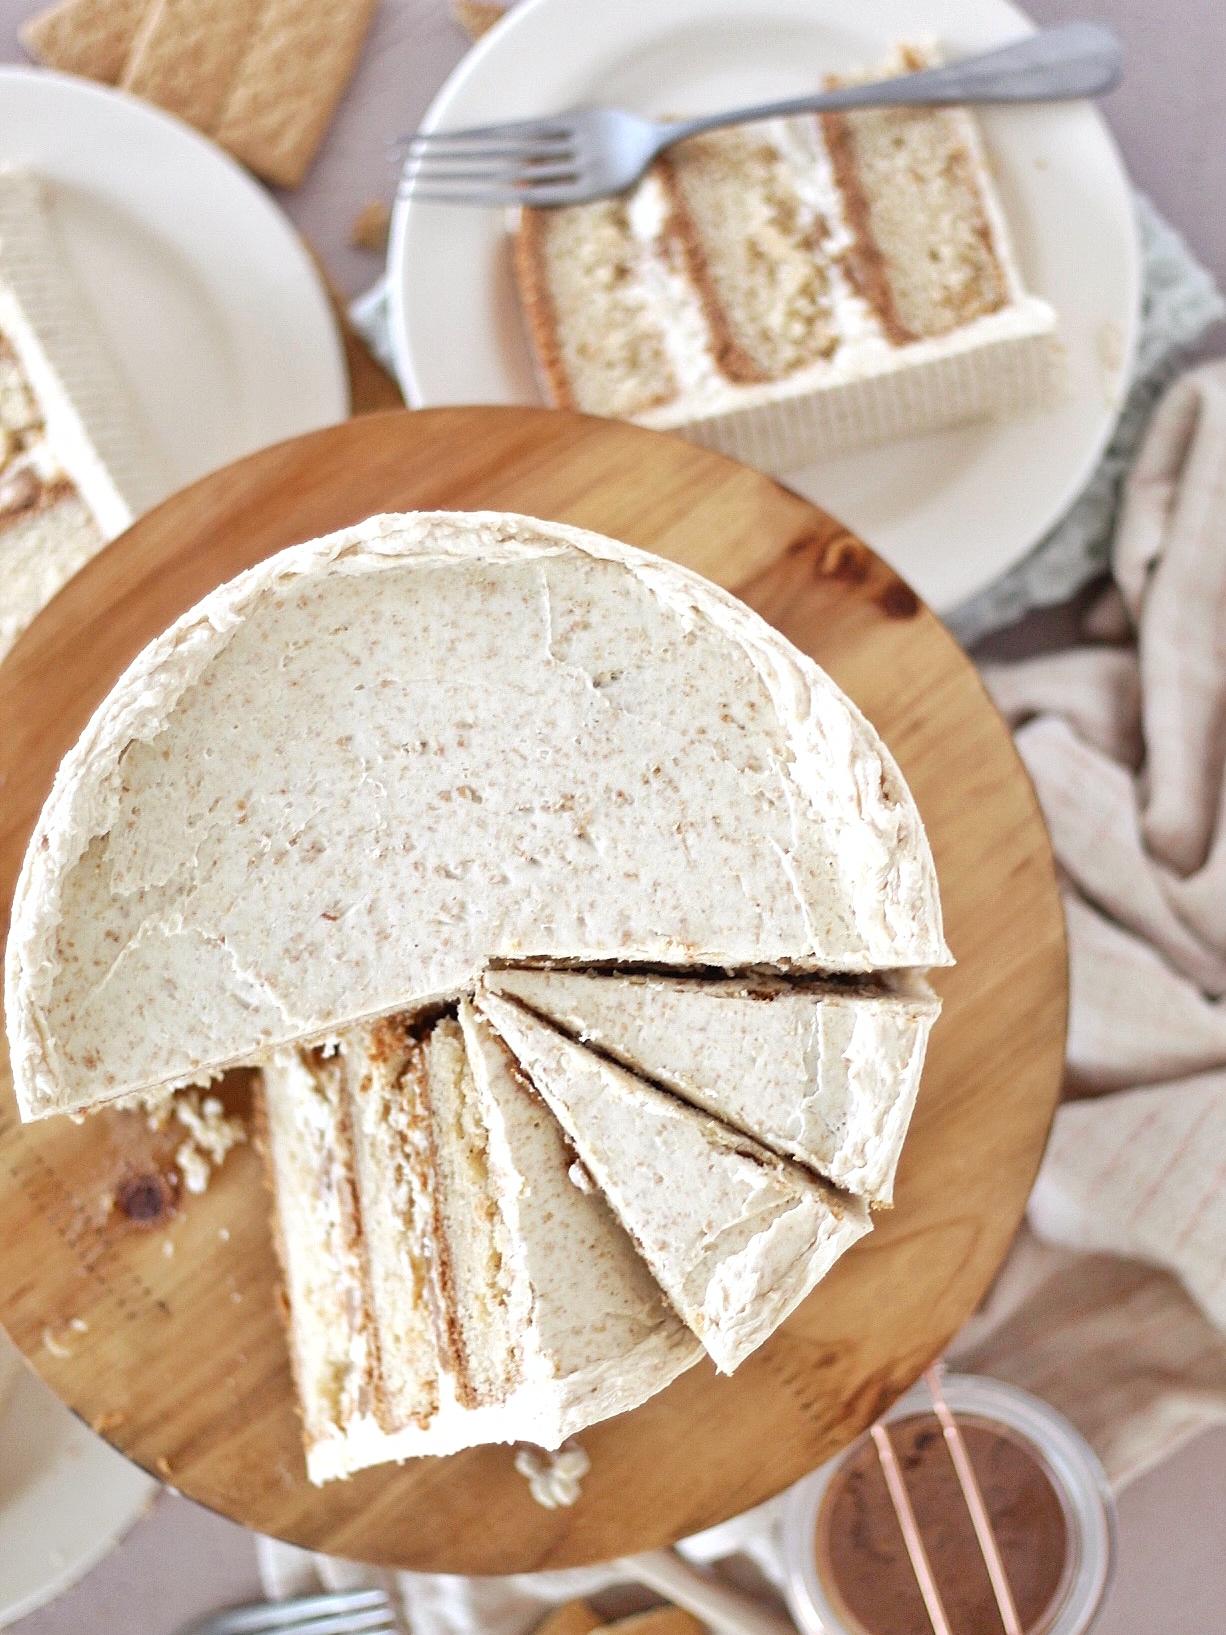 Graham Slam Cake - graham cracker cake layers baked on a graham cracker crust with graham cracker butter swirled in vanilla buttercream, covered in graham cracker buttercream. #cakebycourtney #grahamcracker #grahamcrackerdessert #grahamcrackercake #grahamcrackerbuttercream #cookiebutter #grahamcrackerbutter #buttercreamrecipe #cakerecipe #buttercream #howtomakebuttercreamfrosting #howtomakecake #cakeforbirthday #homemadefrosting #icingrecipe #homemadecakerecipe #howtocakeit #howtobakeacake #howtobake #dessert #dessertideas #cakeideas